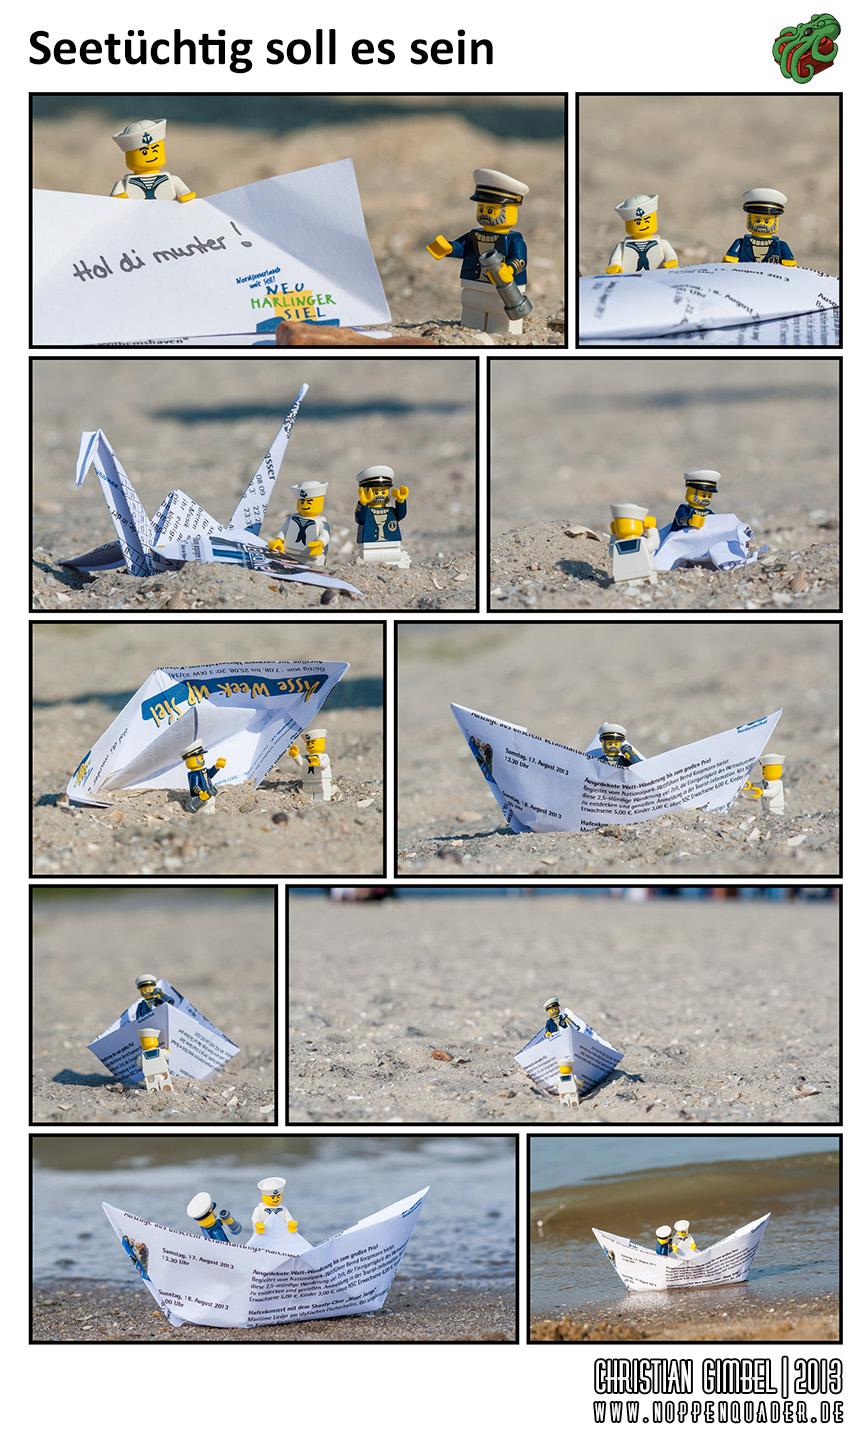 Lego Papierschiffchenbau am Strand in Ostfriesland - Artikelbild